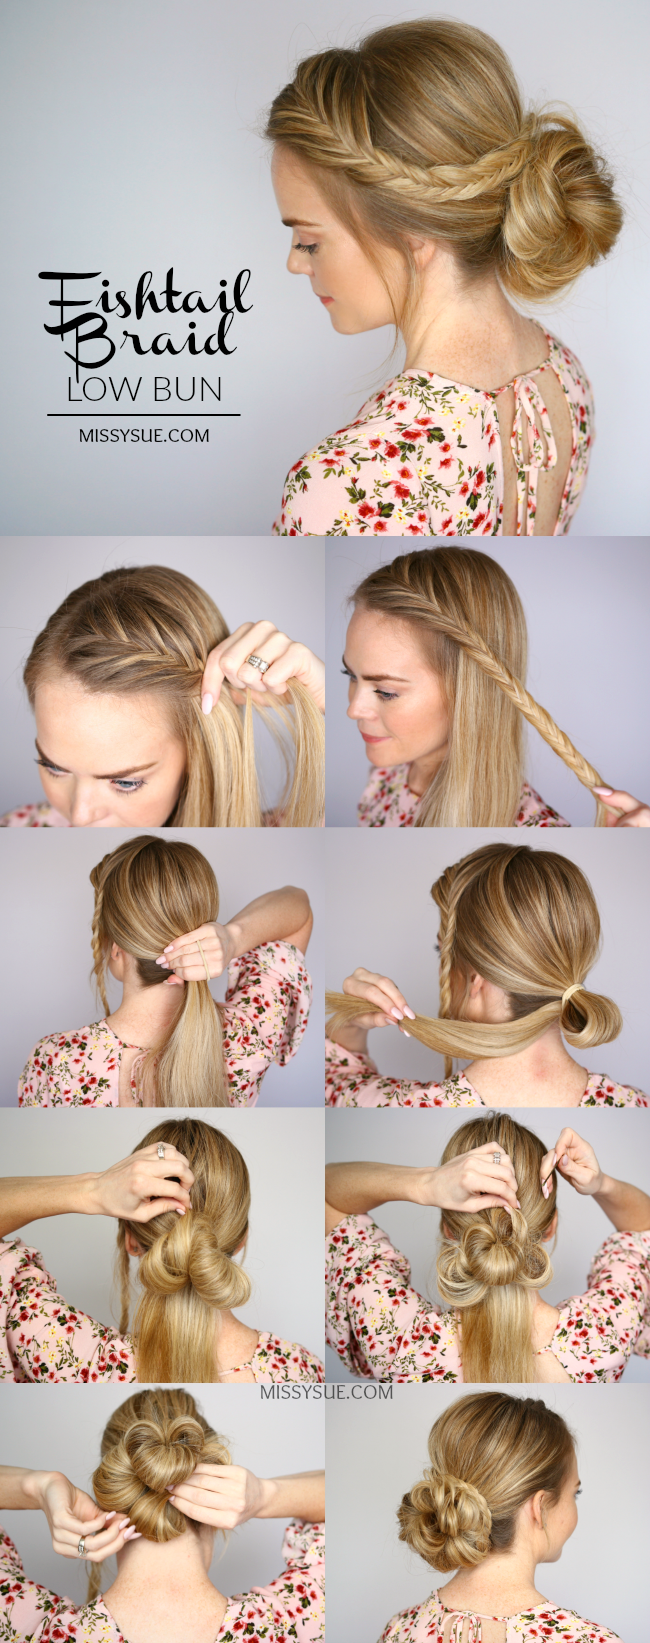 fishtail-braid-low-bun-hair-tutorial